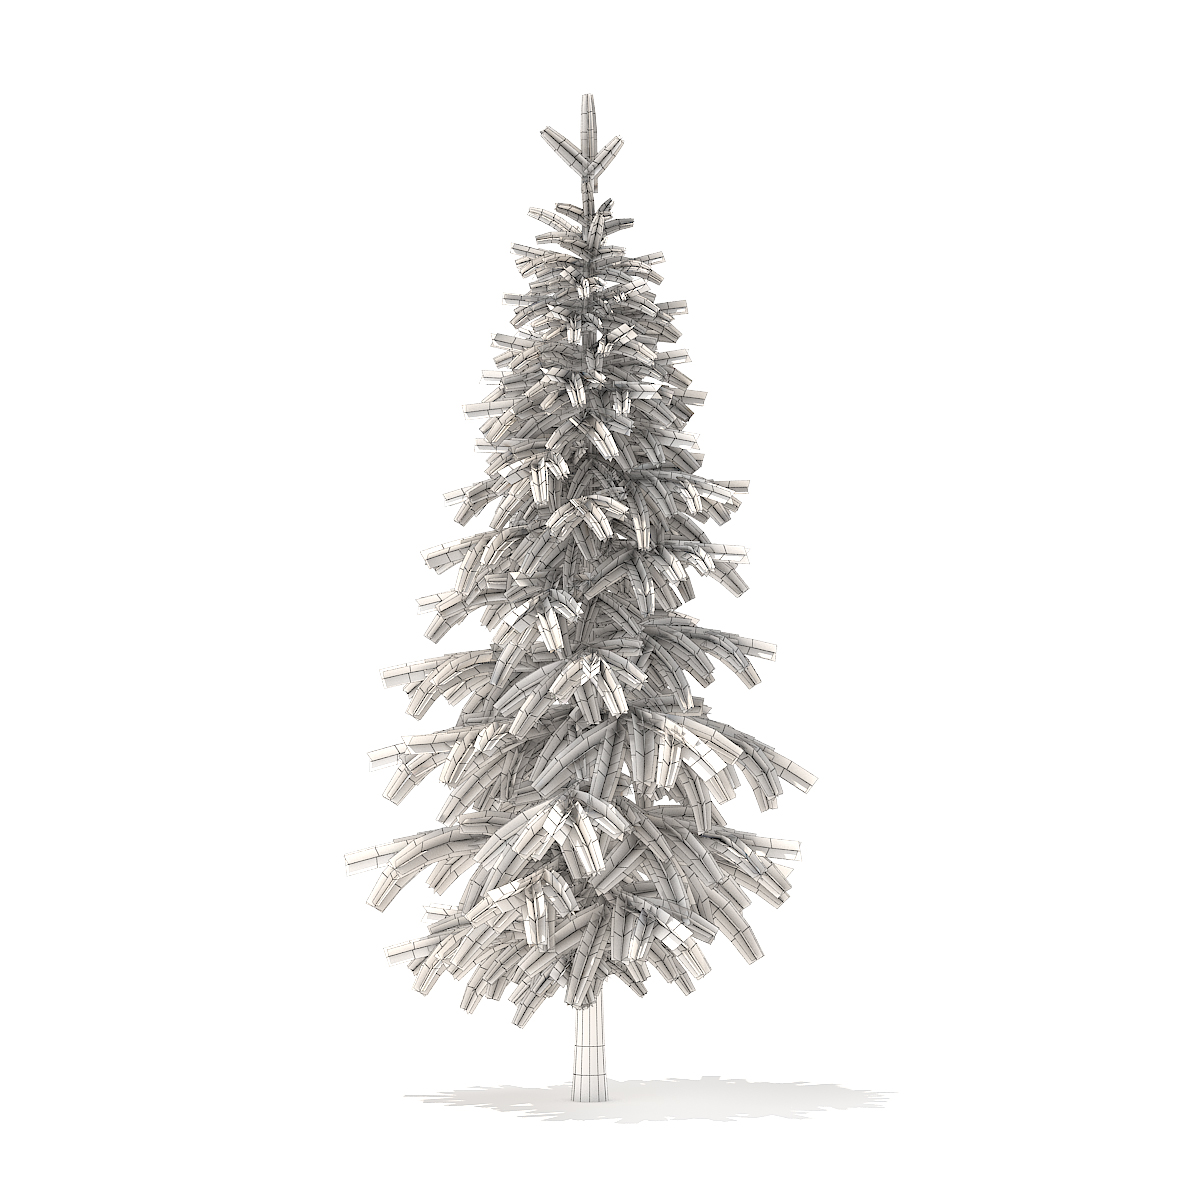 Fir Tree 3D Model 2.6m